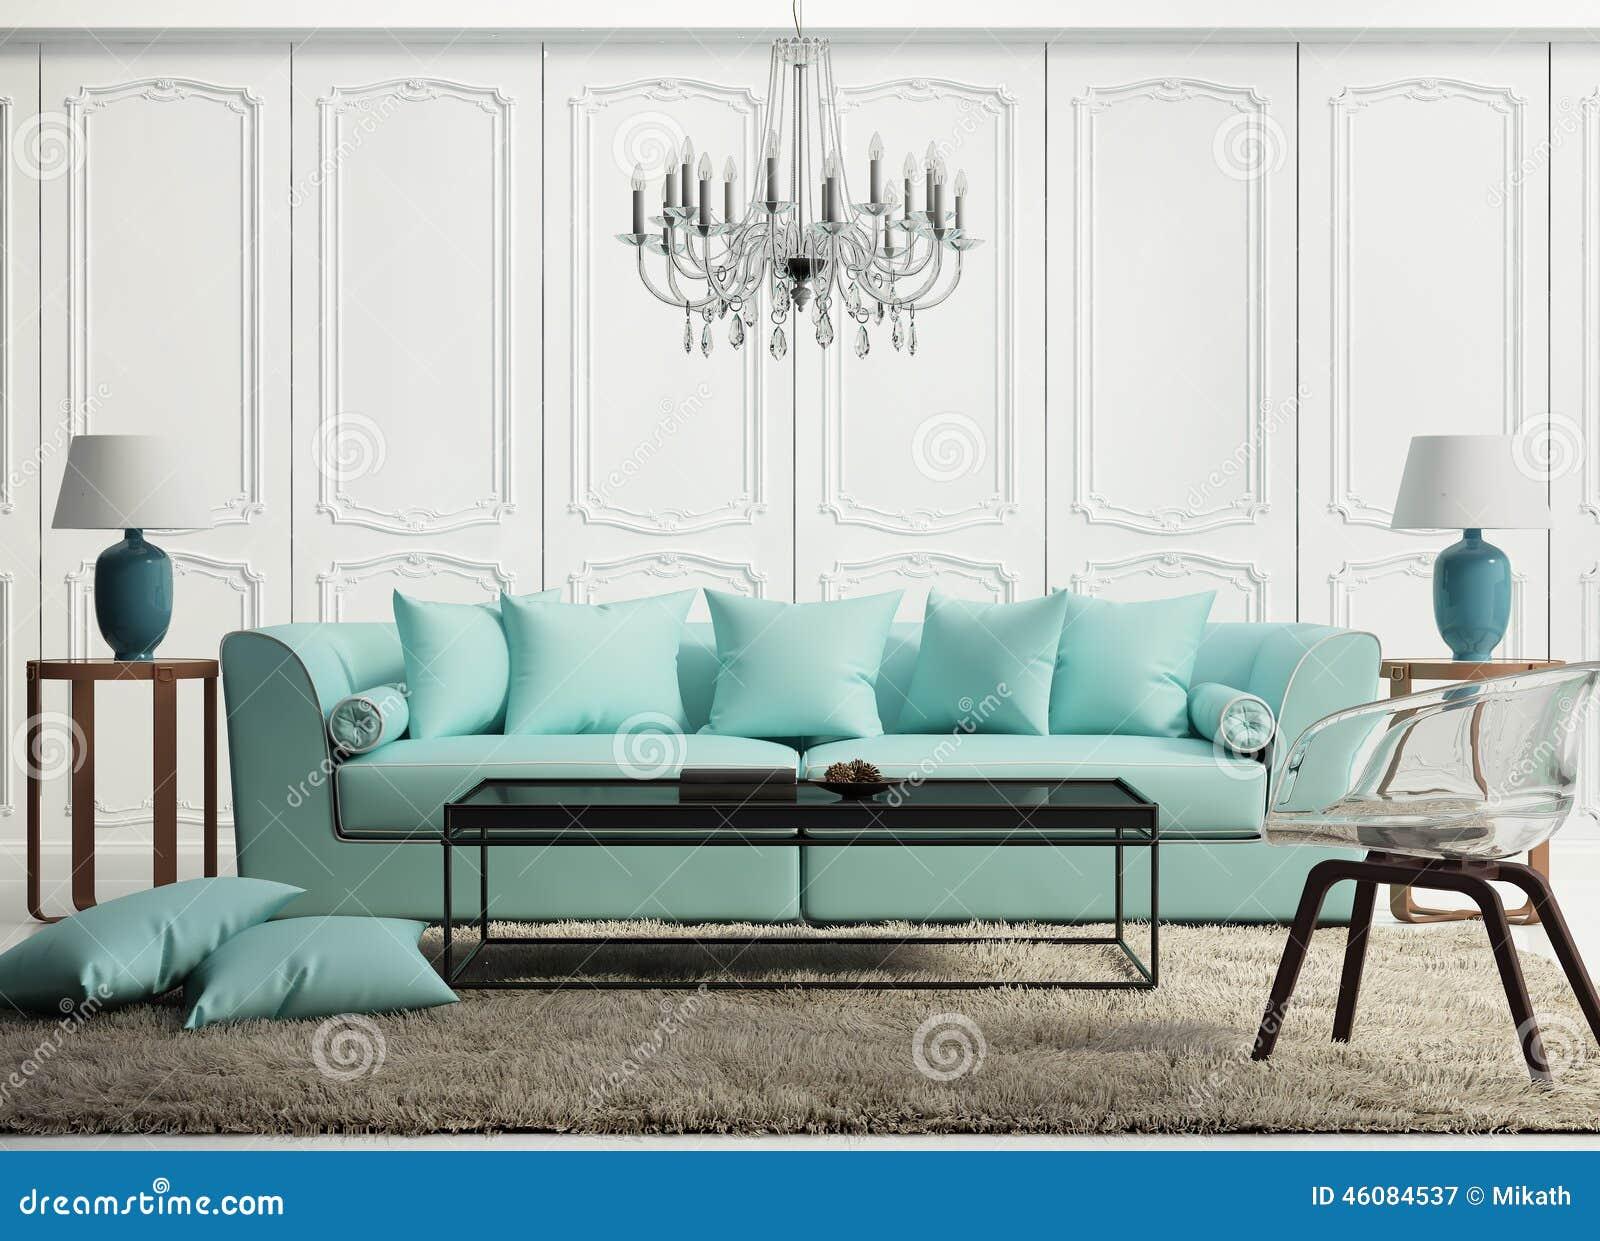 salon baroque l gant vert clair image stock image du. Black Bedroom Furniture Sets. Home Design Ideas